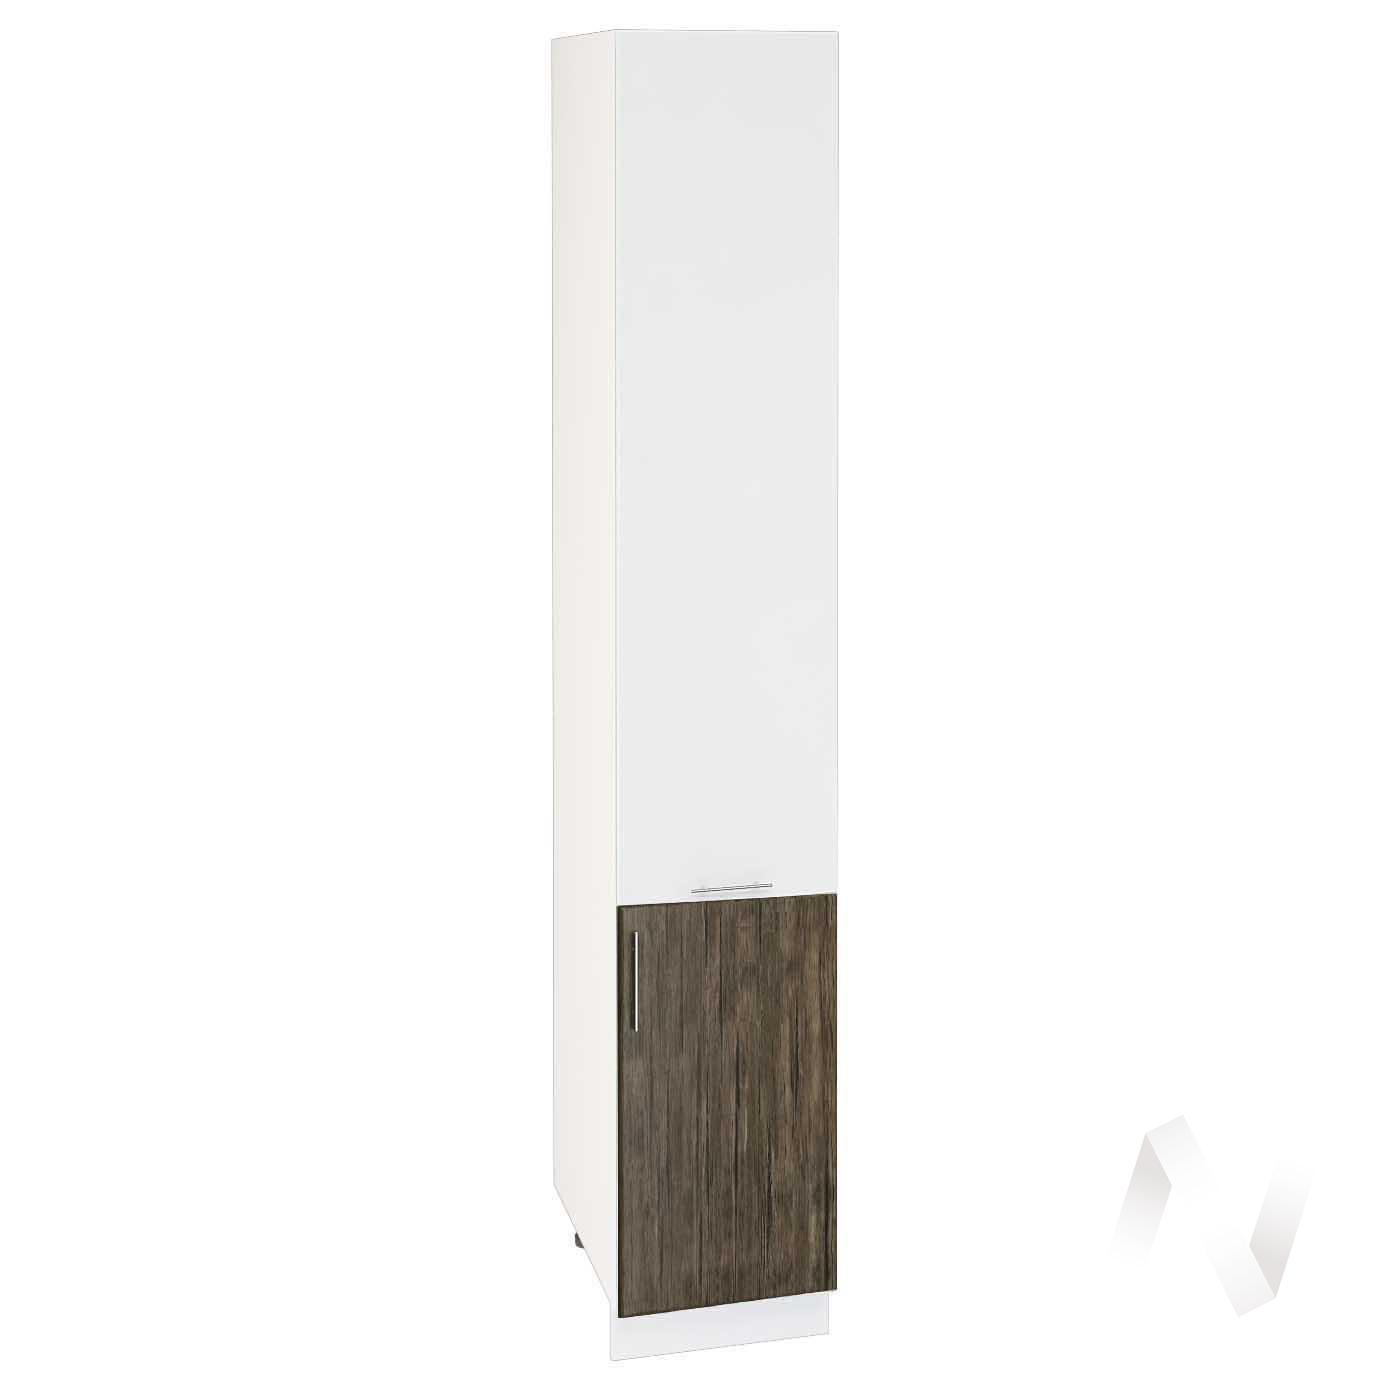 """Кухня """"Норден"""": Шкаф пенал 400Н, ШП 400Н (старое дерево/белый глянец/корпус белый)"""